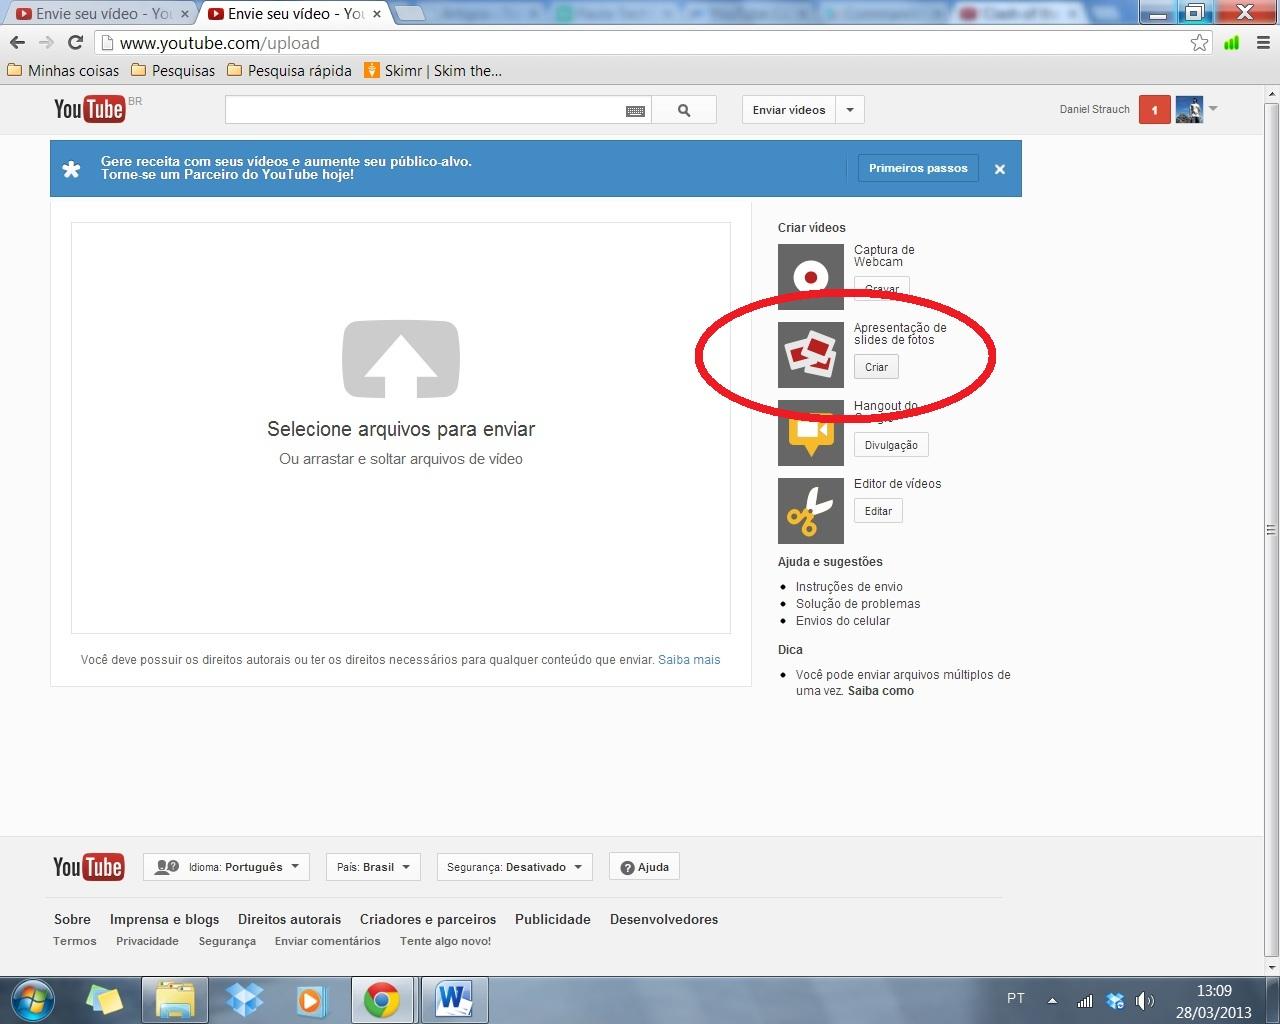 Como fazer um slide de fotos no youtube 49